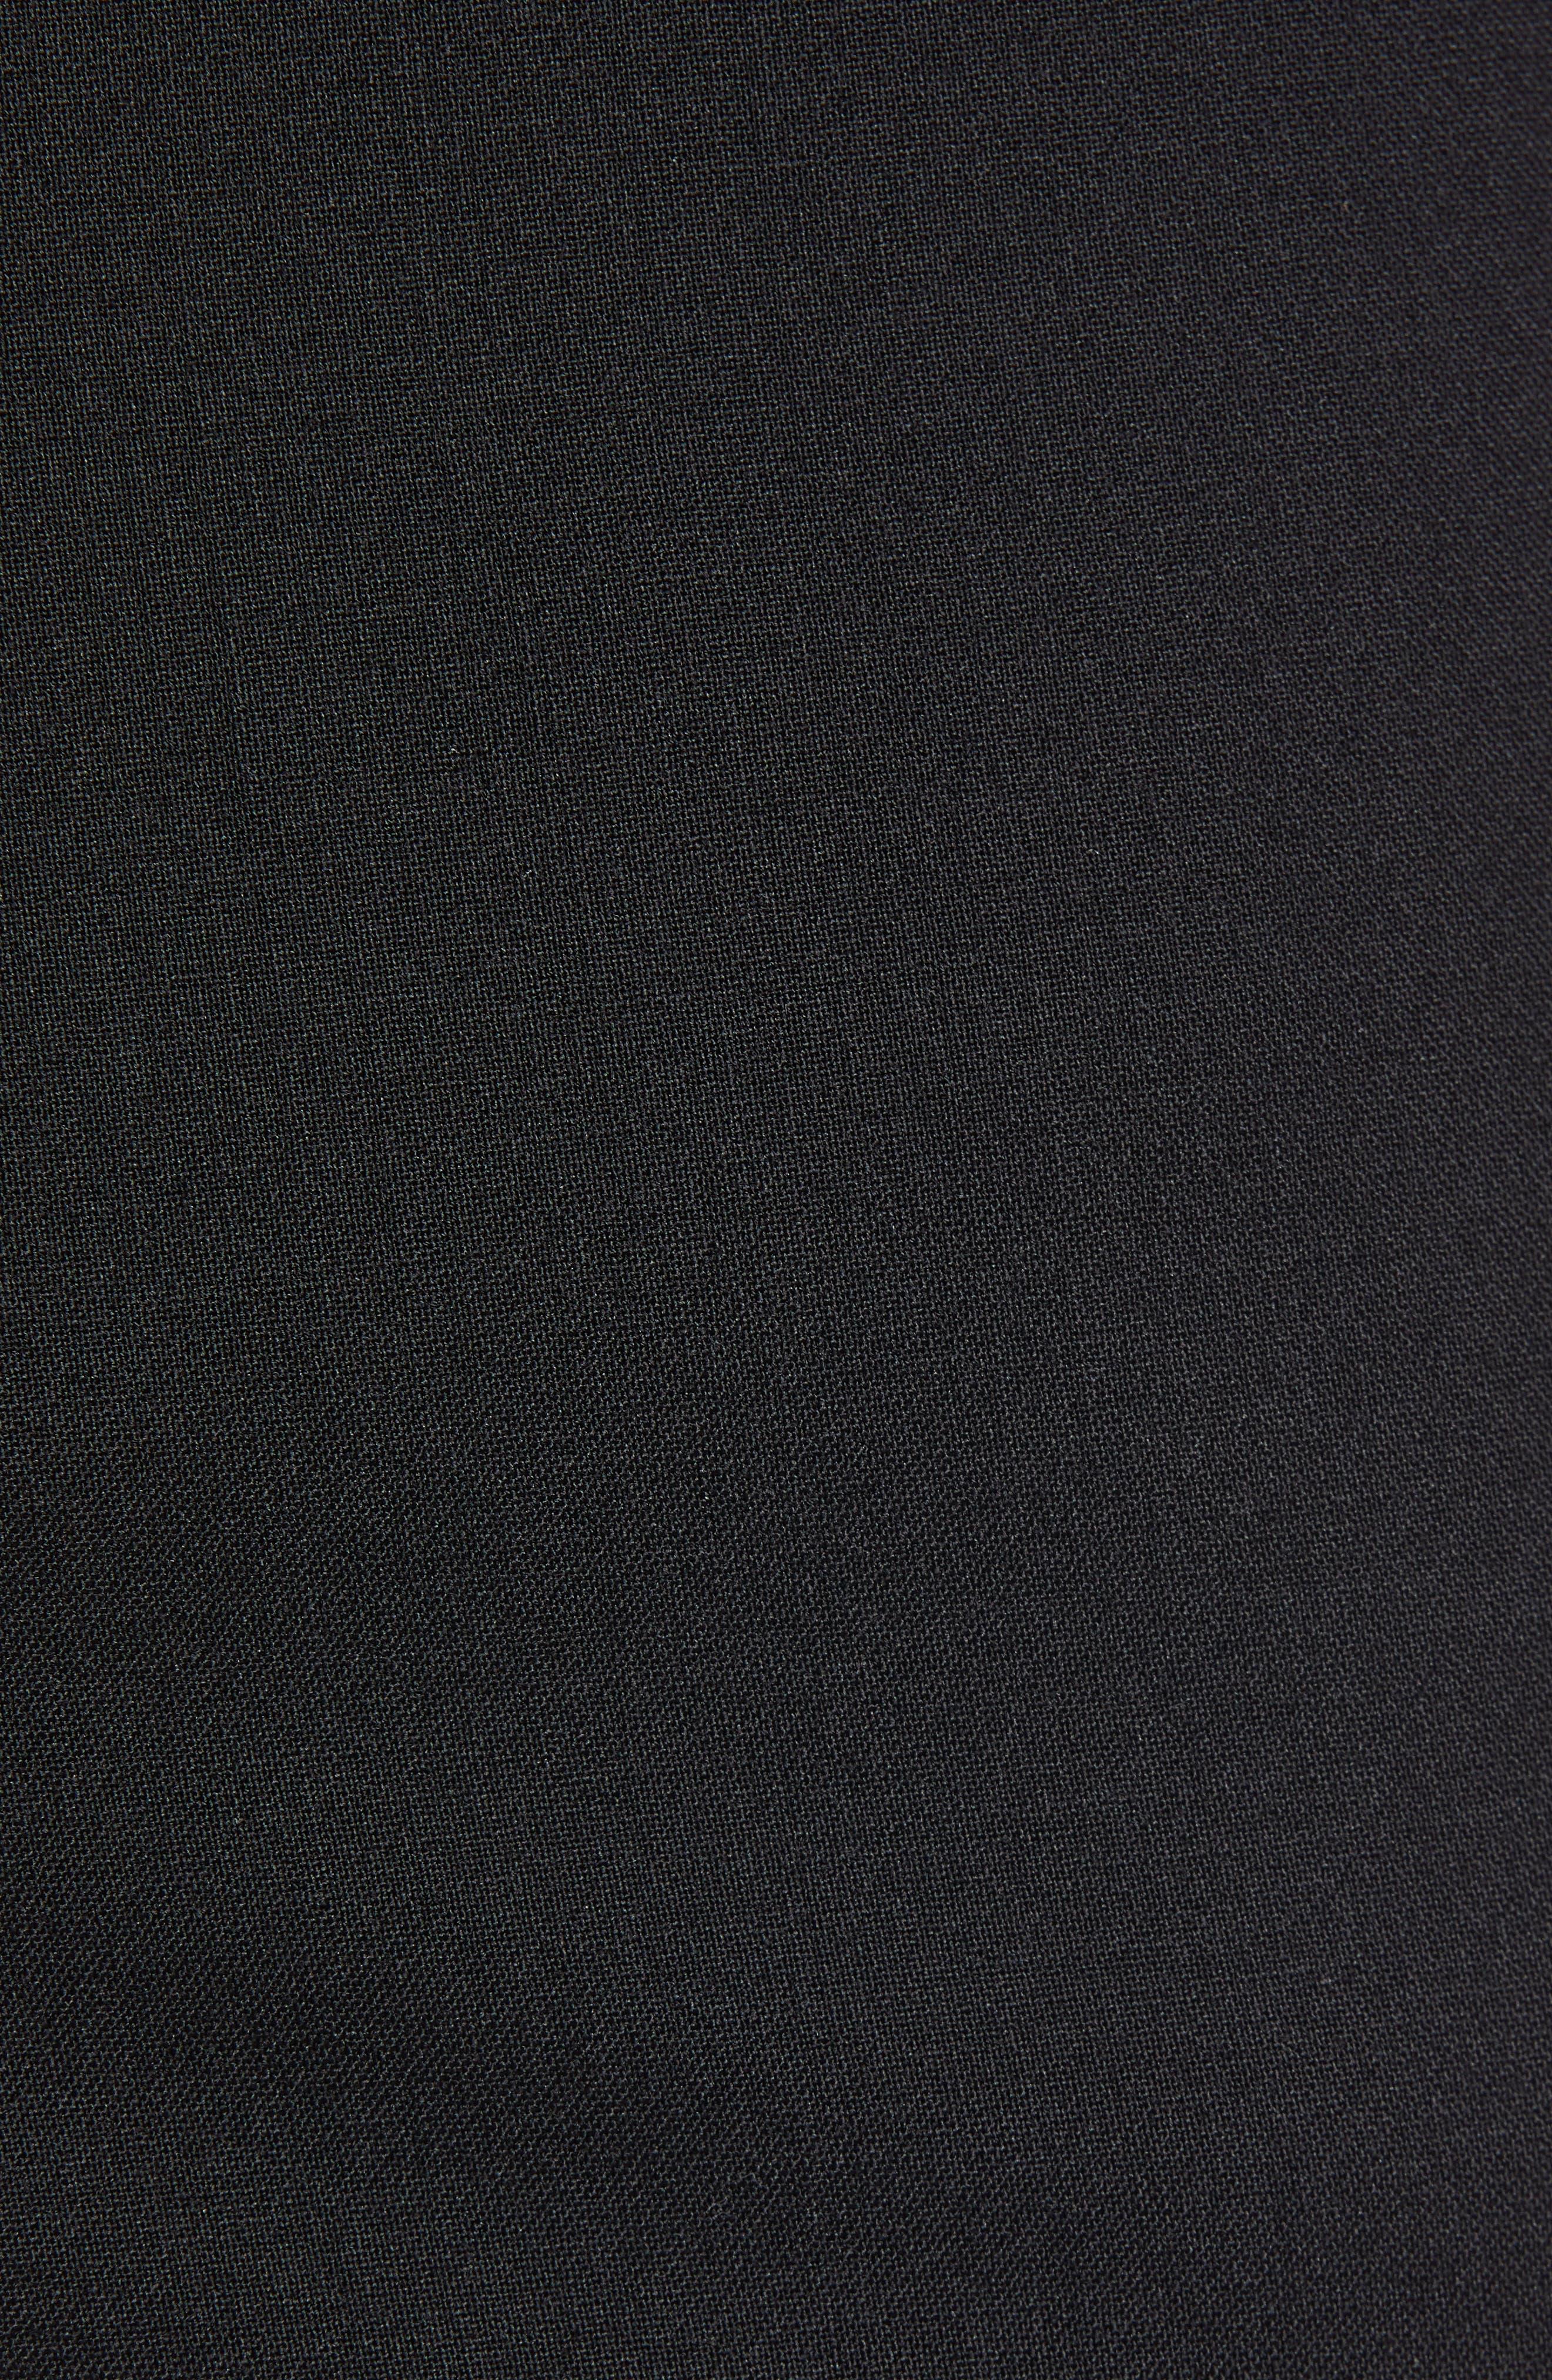 NORDSTROM MEN'S SHOP,                             Tech-Smart Trim Fit Stretch Wool Travel Trousers,                             Alternate thumbnail 5, color,                             BLACK